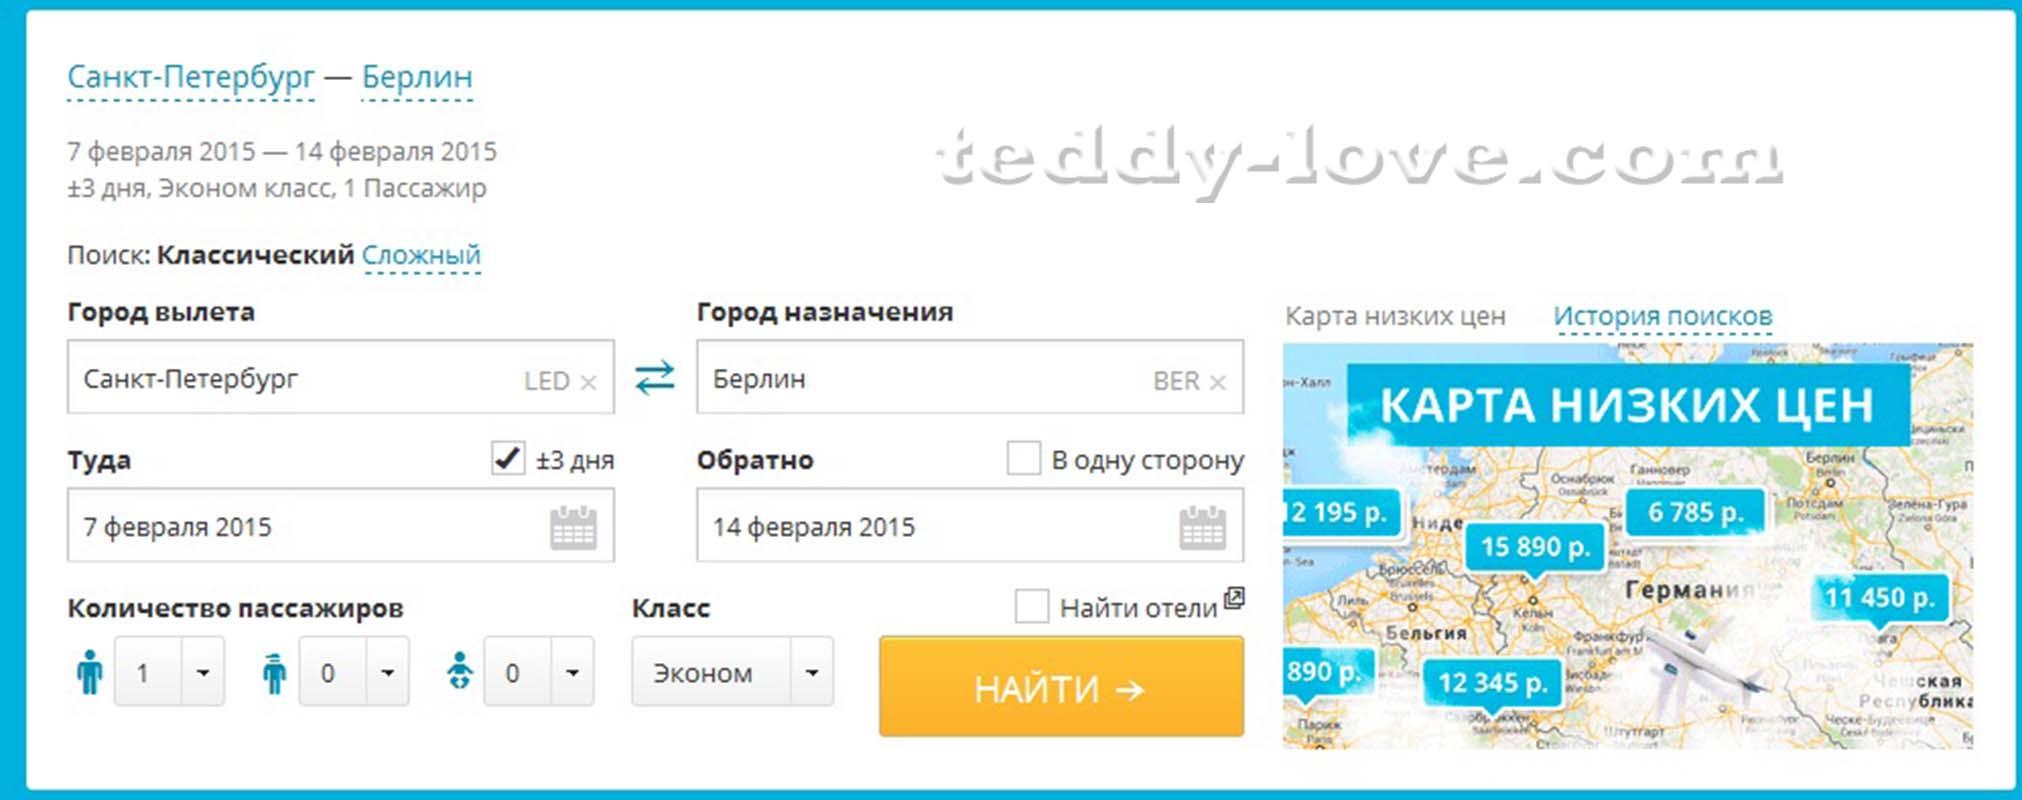 стоимость билета на самолет до иркутска из москвы